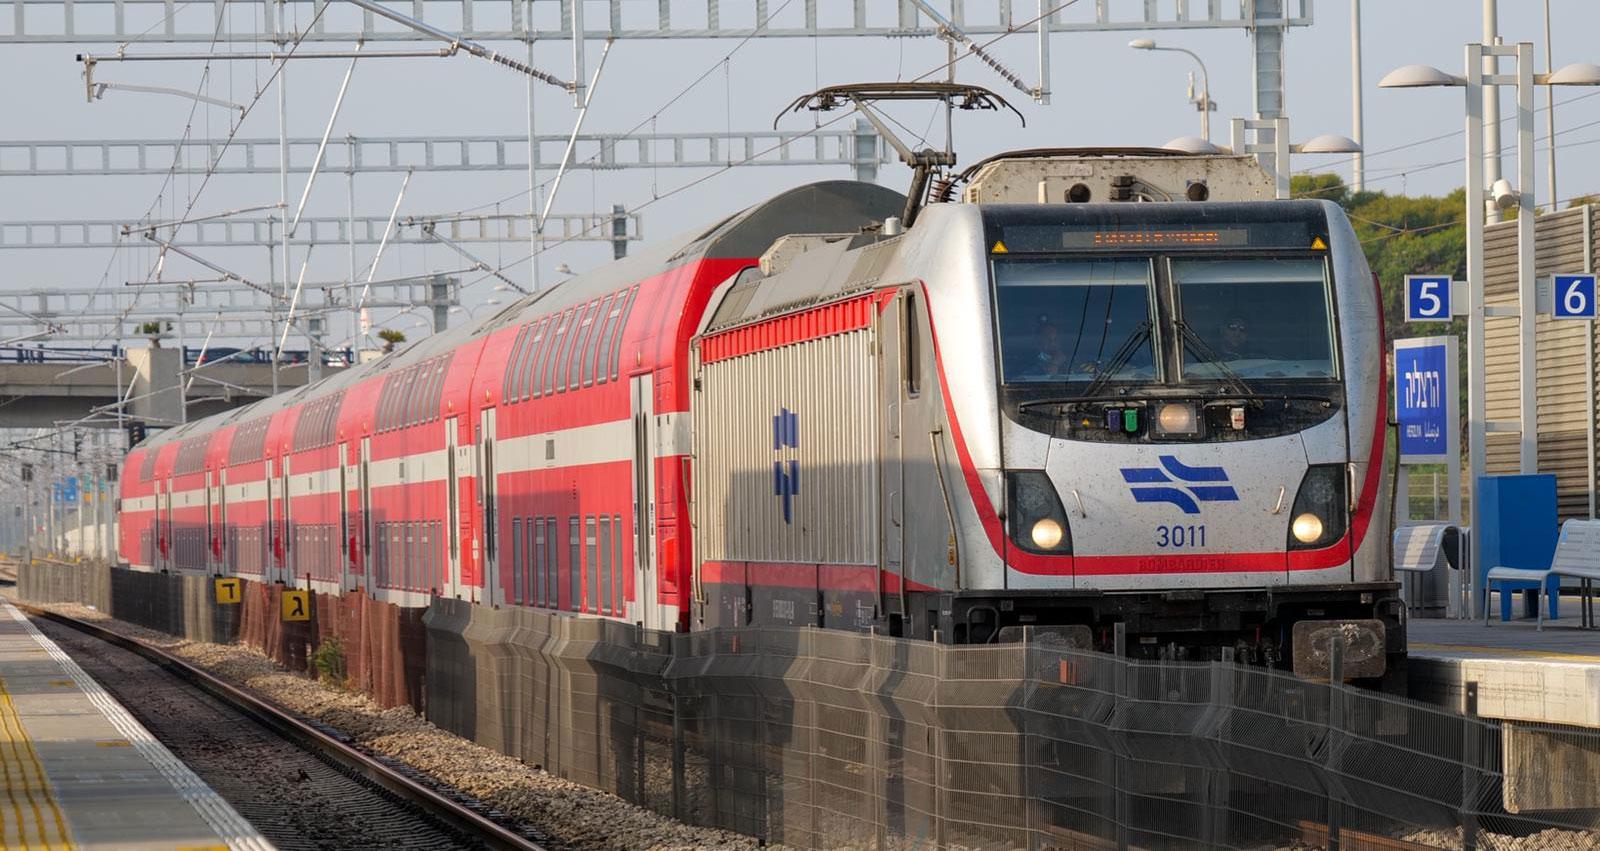 רכבת חשמלית בתחנה בהרצליה